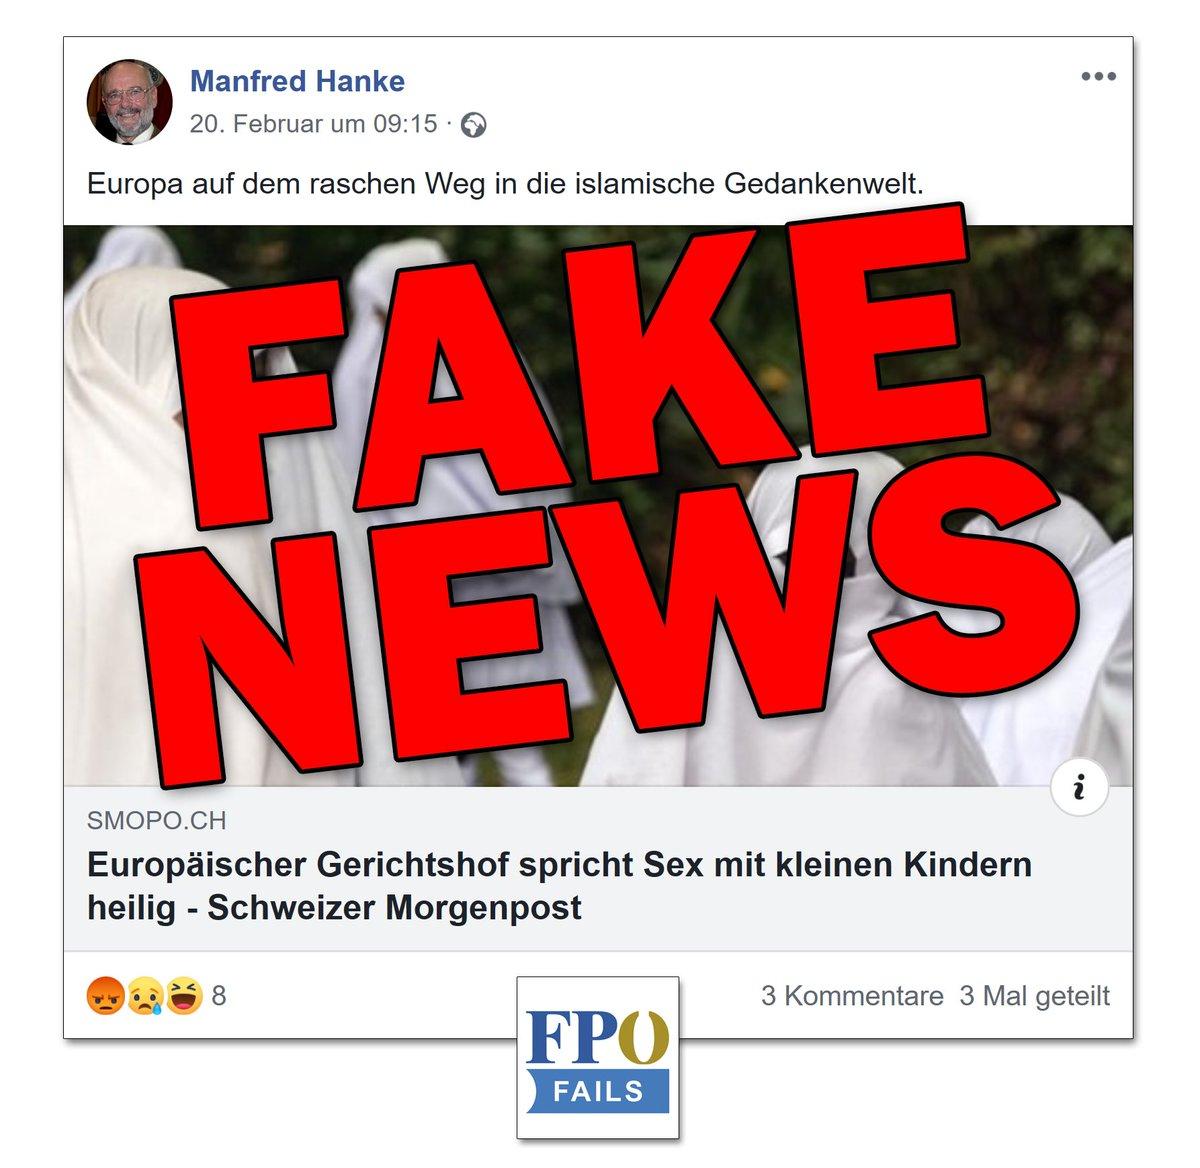 [Thread] Bei Manfred Hanke, FPÖ-Ortsparteiobmann u. Gemeinderat v. Sollenau, fragen wir uns schon lange nicht mehr, wie es um seine freiheitliche Gedankenwelt bestellt ist.  Wieder wird der Verhetzungsartikel des rechtsextremen Hetzmediums http://SMOPO.ch v. 2018 geteilt.pic.twitter.com/kVSYQAzZKq